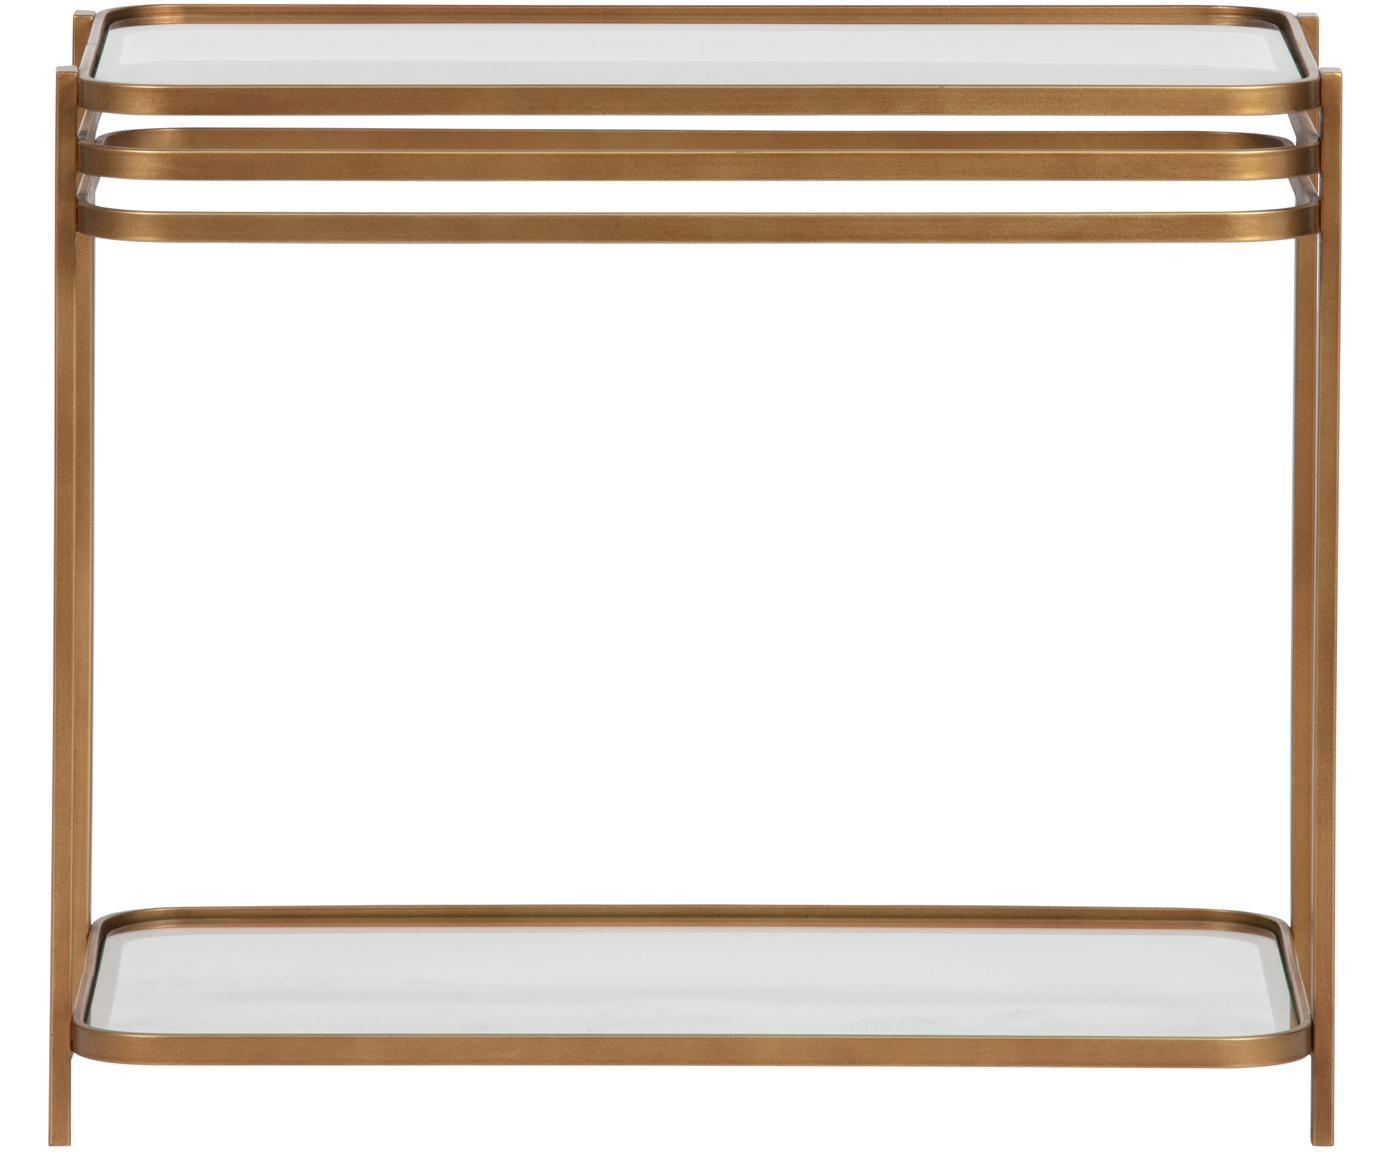 Piccola consolle vintage Kylie, Struttura: metallo, verniciato, Ripiani: vetro temperato, Ottone con finitura antica, trasparente, Larg. 51 x Prof. 36 cm